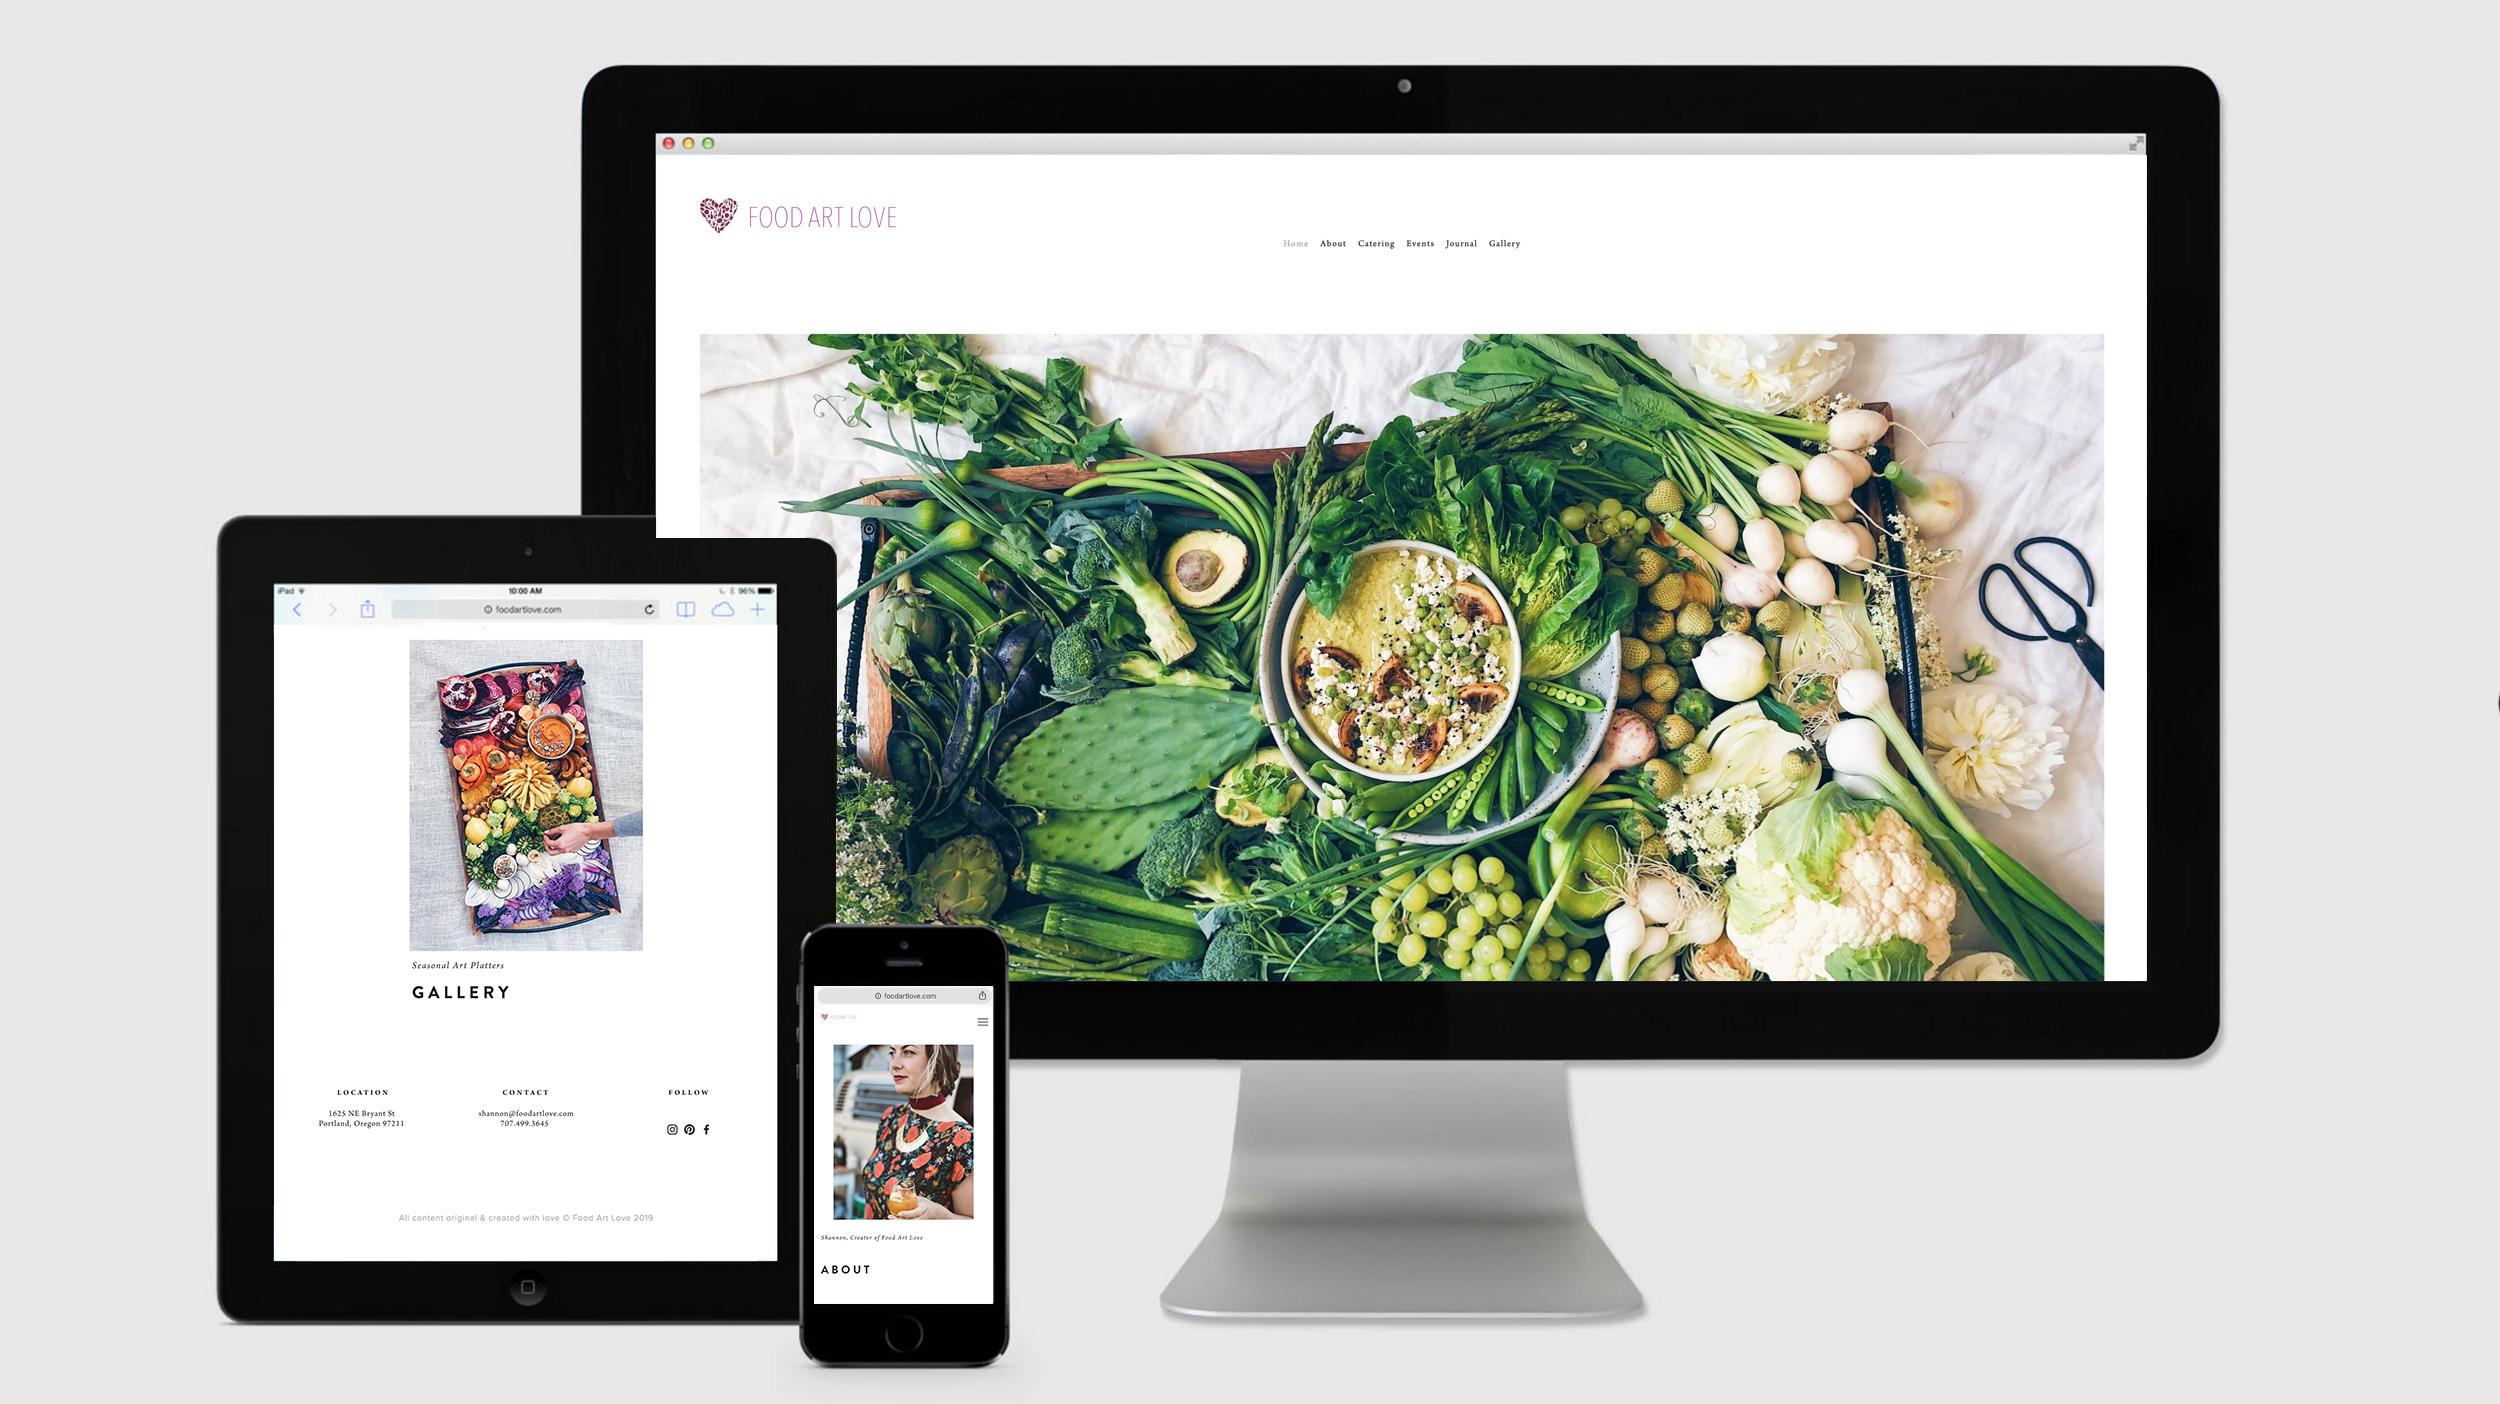 foodartlove_website.jpg